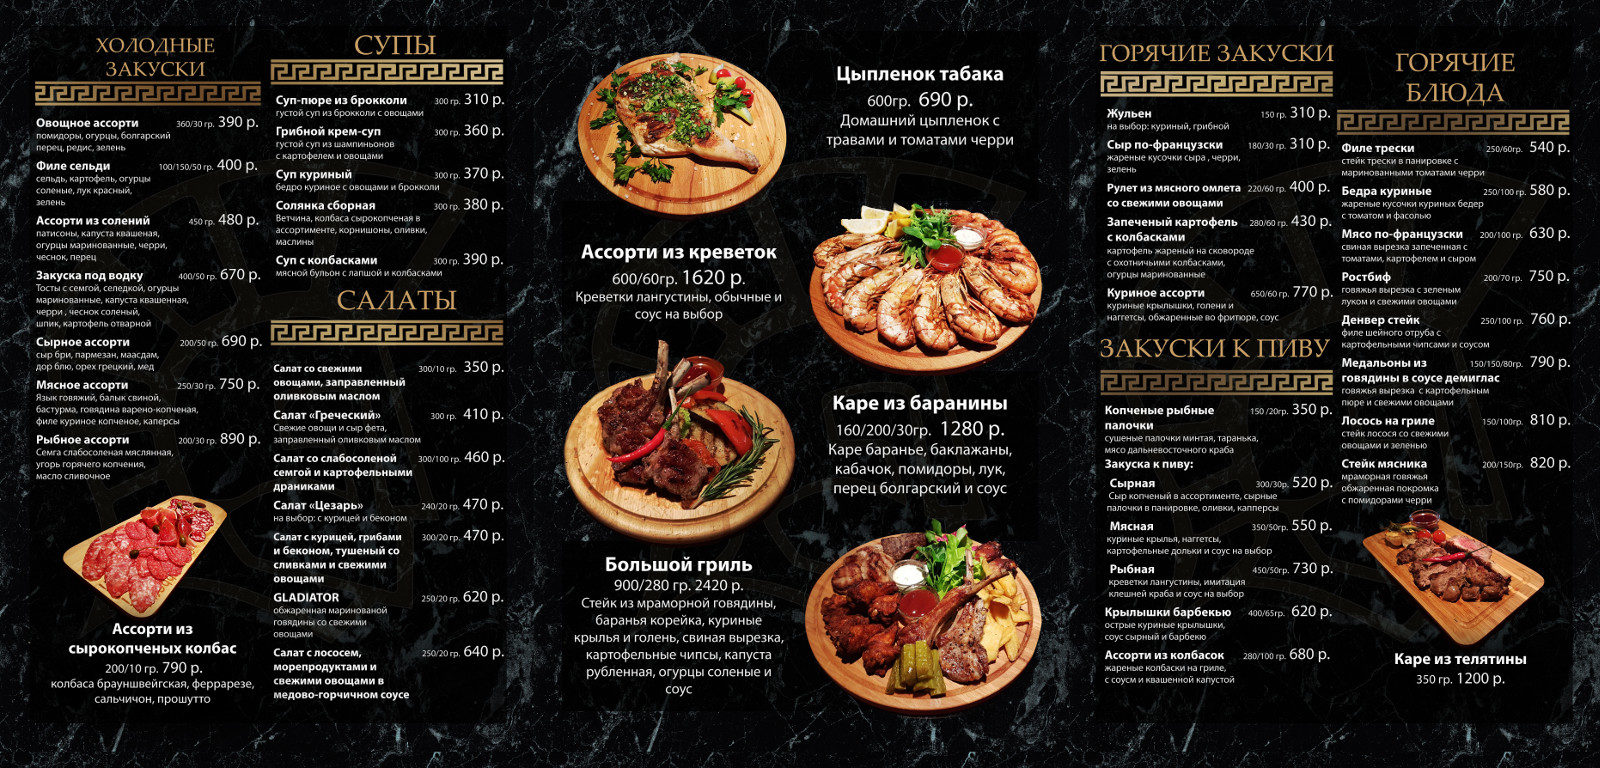 Гладиатор меню блюда стол 16 04 18